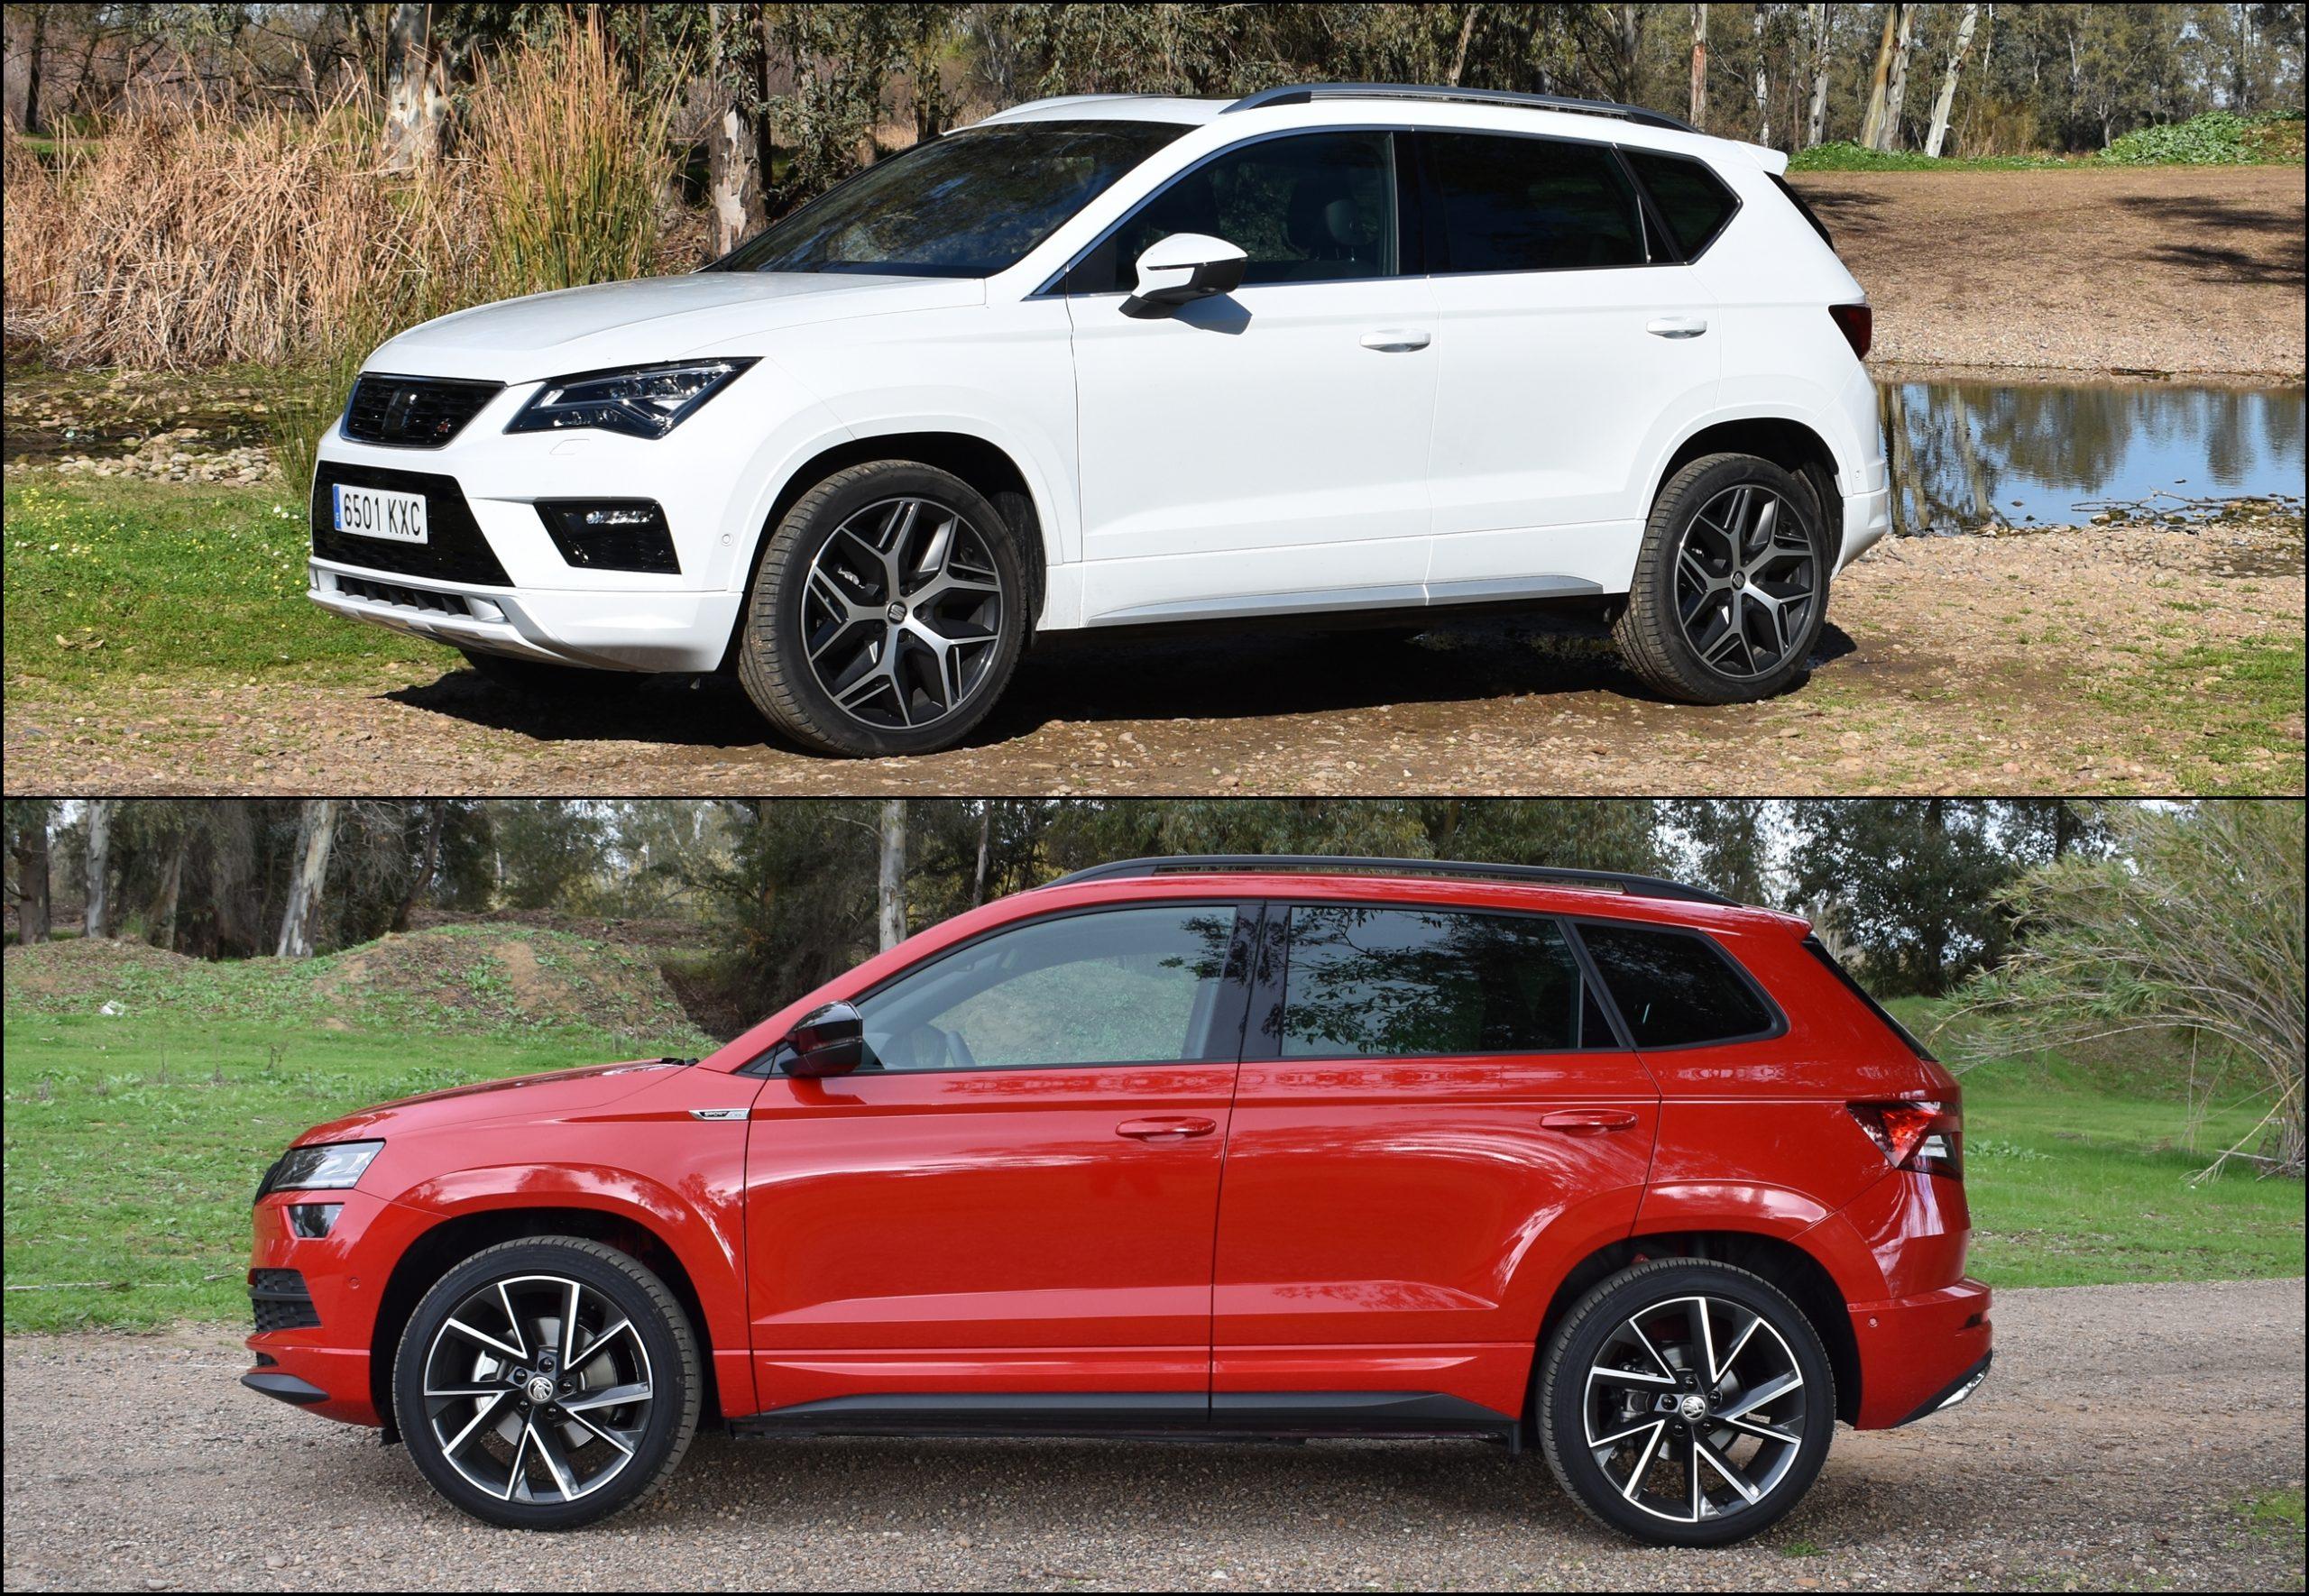 ¿Seat Ateca o Skoda Karoq? Comparativa de SUV compactos en ...